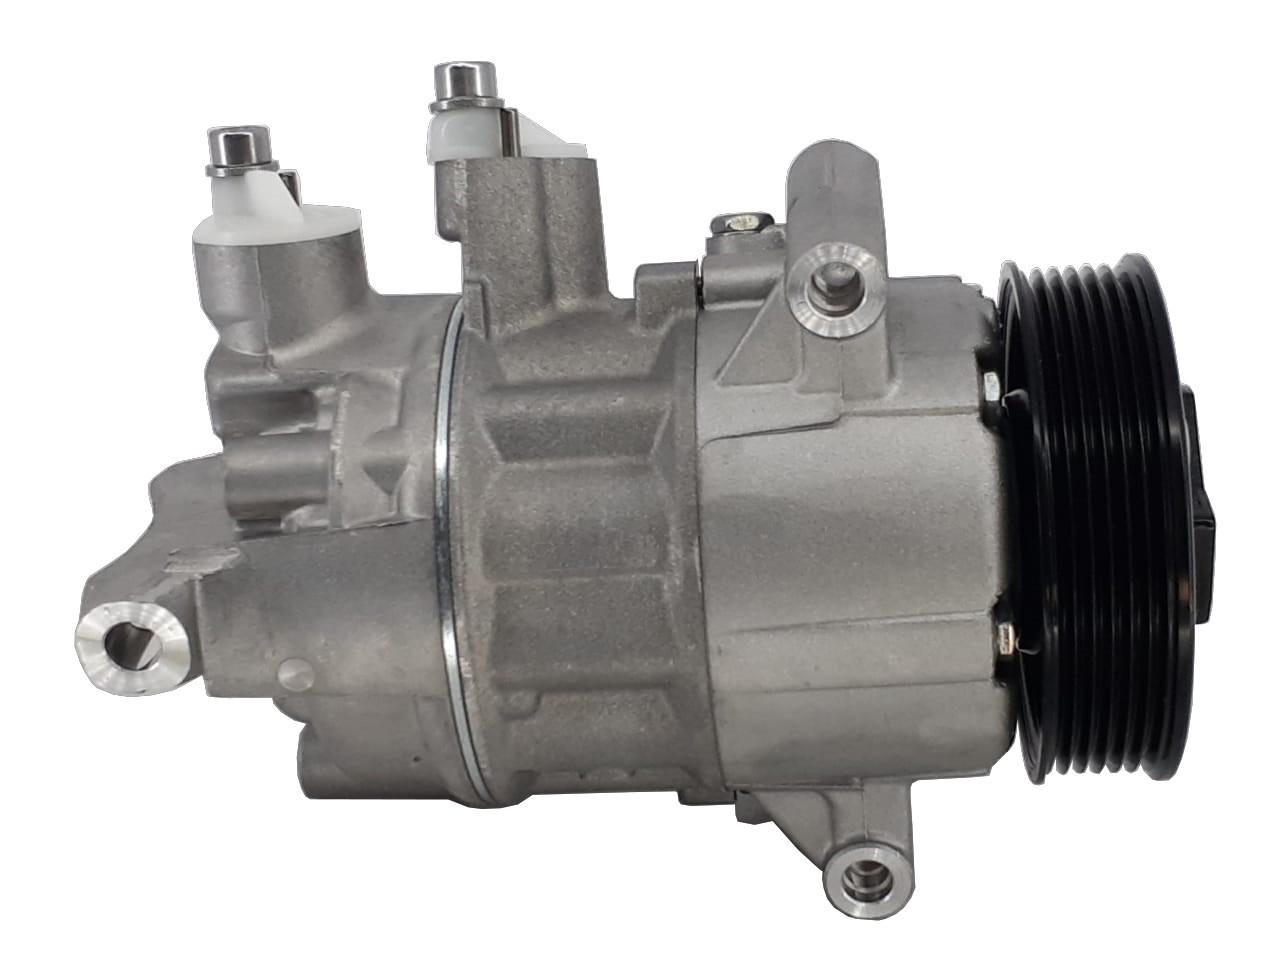 Compressor Golf / Jetta / Tiguan 2.0 - MAHLE